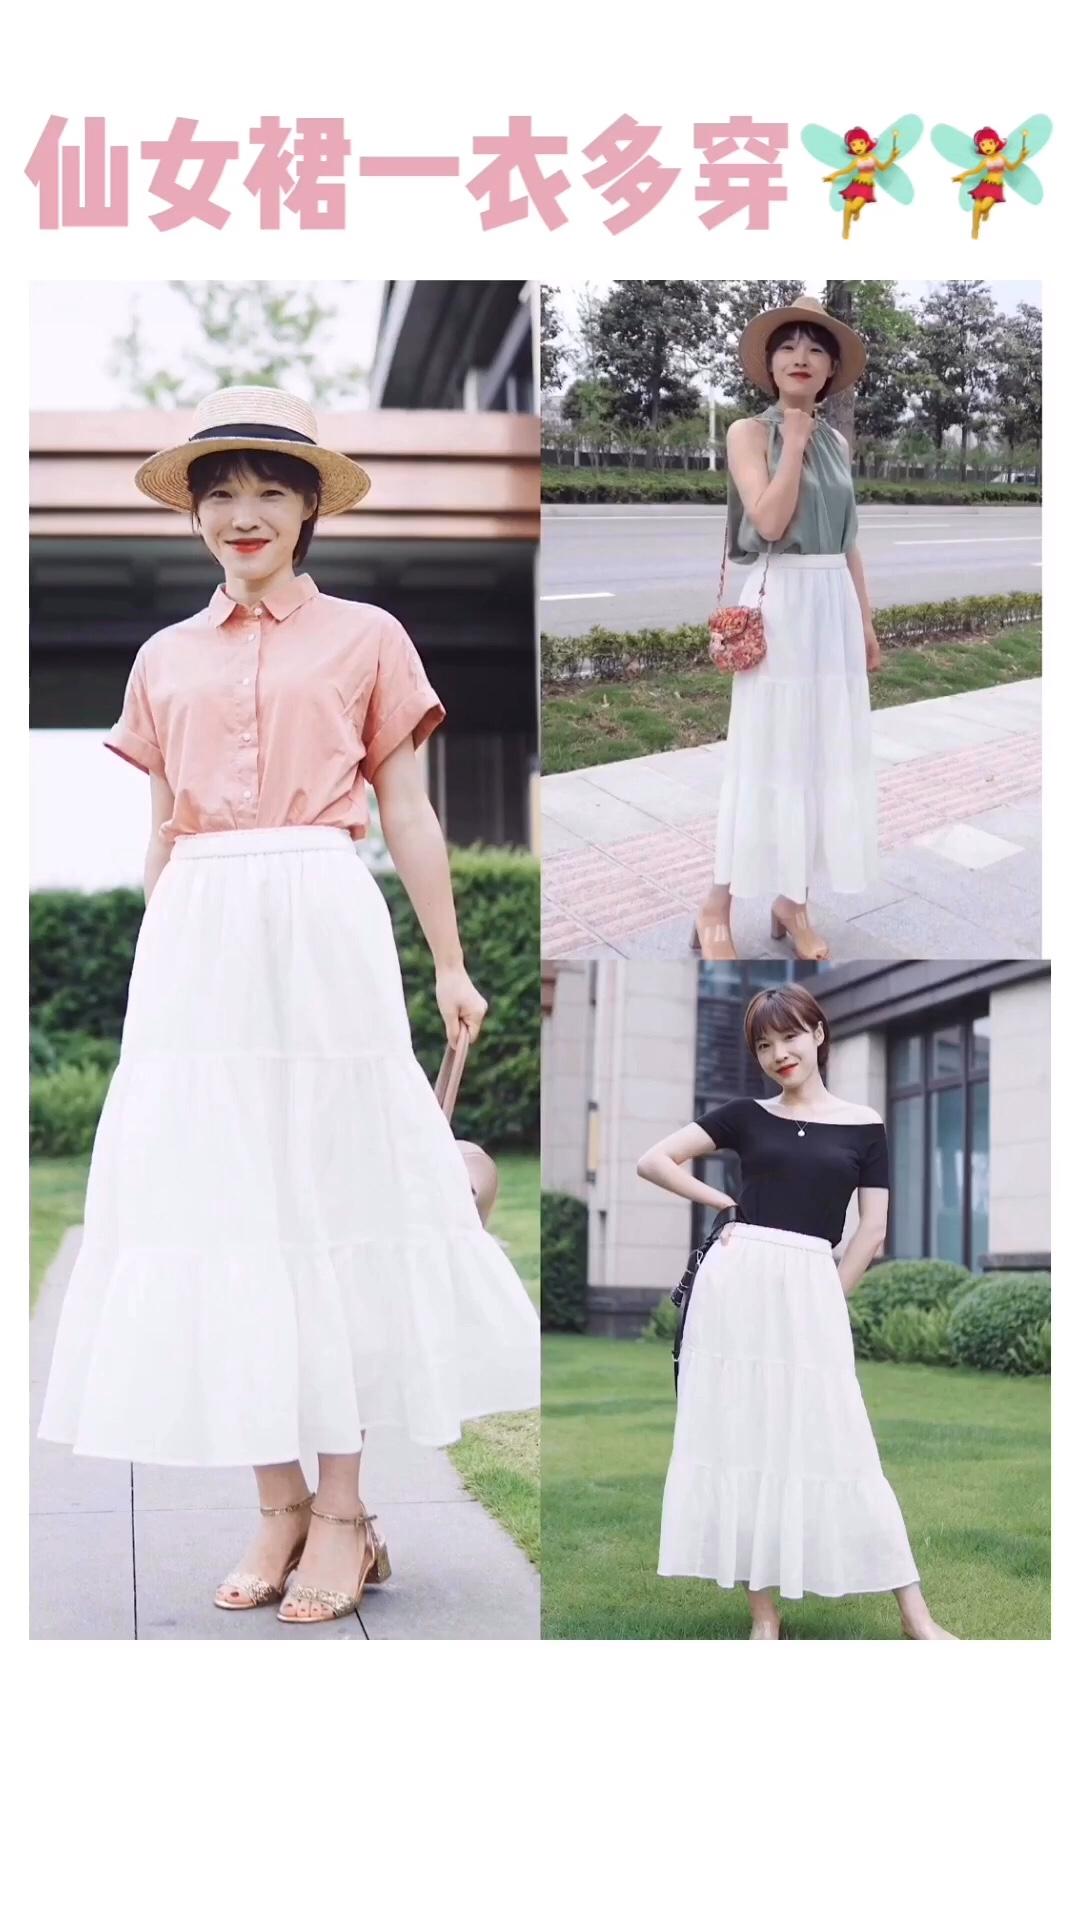 #直男都爱的网红裙,赶紧剁手!#  夏日必不可少的半裙,给你们推荐我爱的No1🧚♀️ 3套Look,换件不同的上衣就能适合各种场合! 分享穿搭的初衷不是一味的买买买,而是怎样物尽其用,尽可能的发挥出每件单品的最大价值!搭配出不同的效果!让人觉得好像每天都在穿新衣服😄